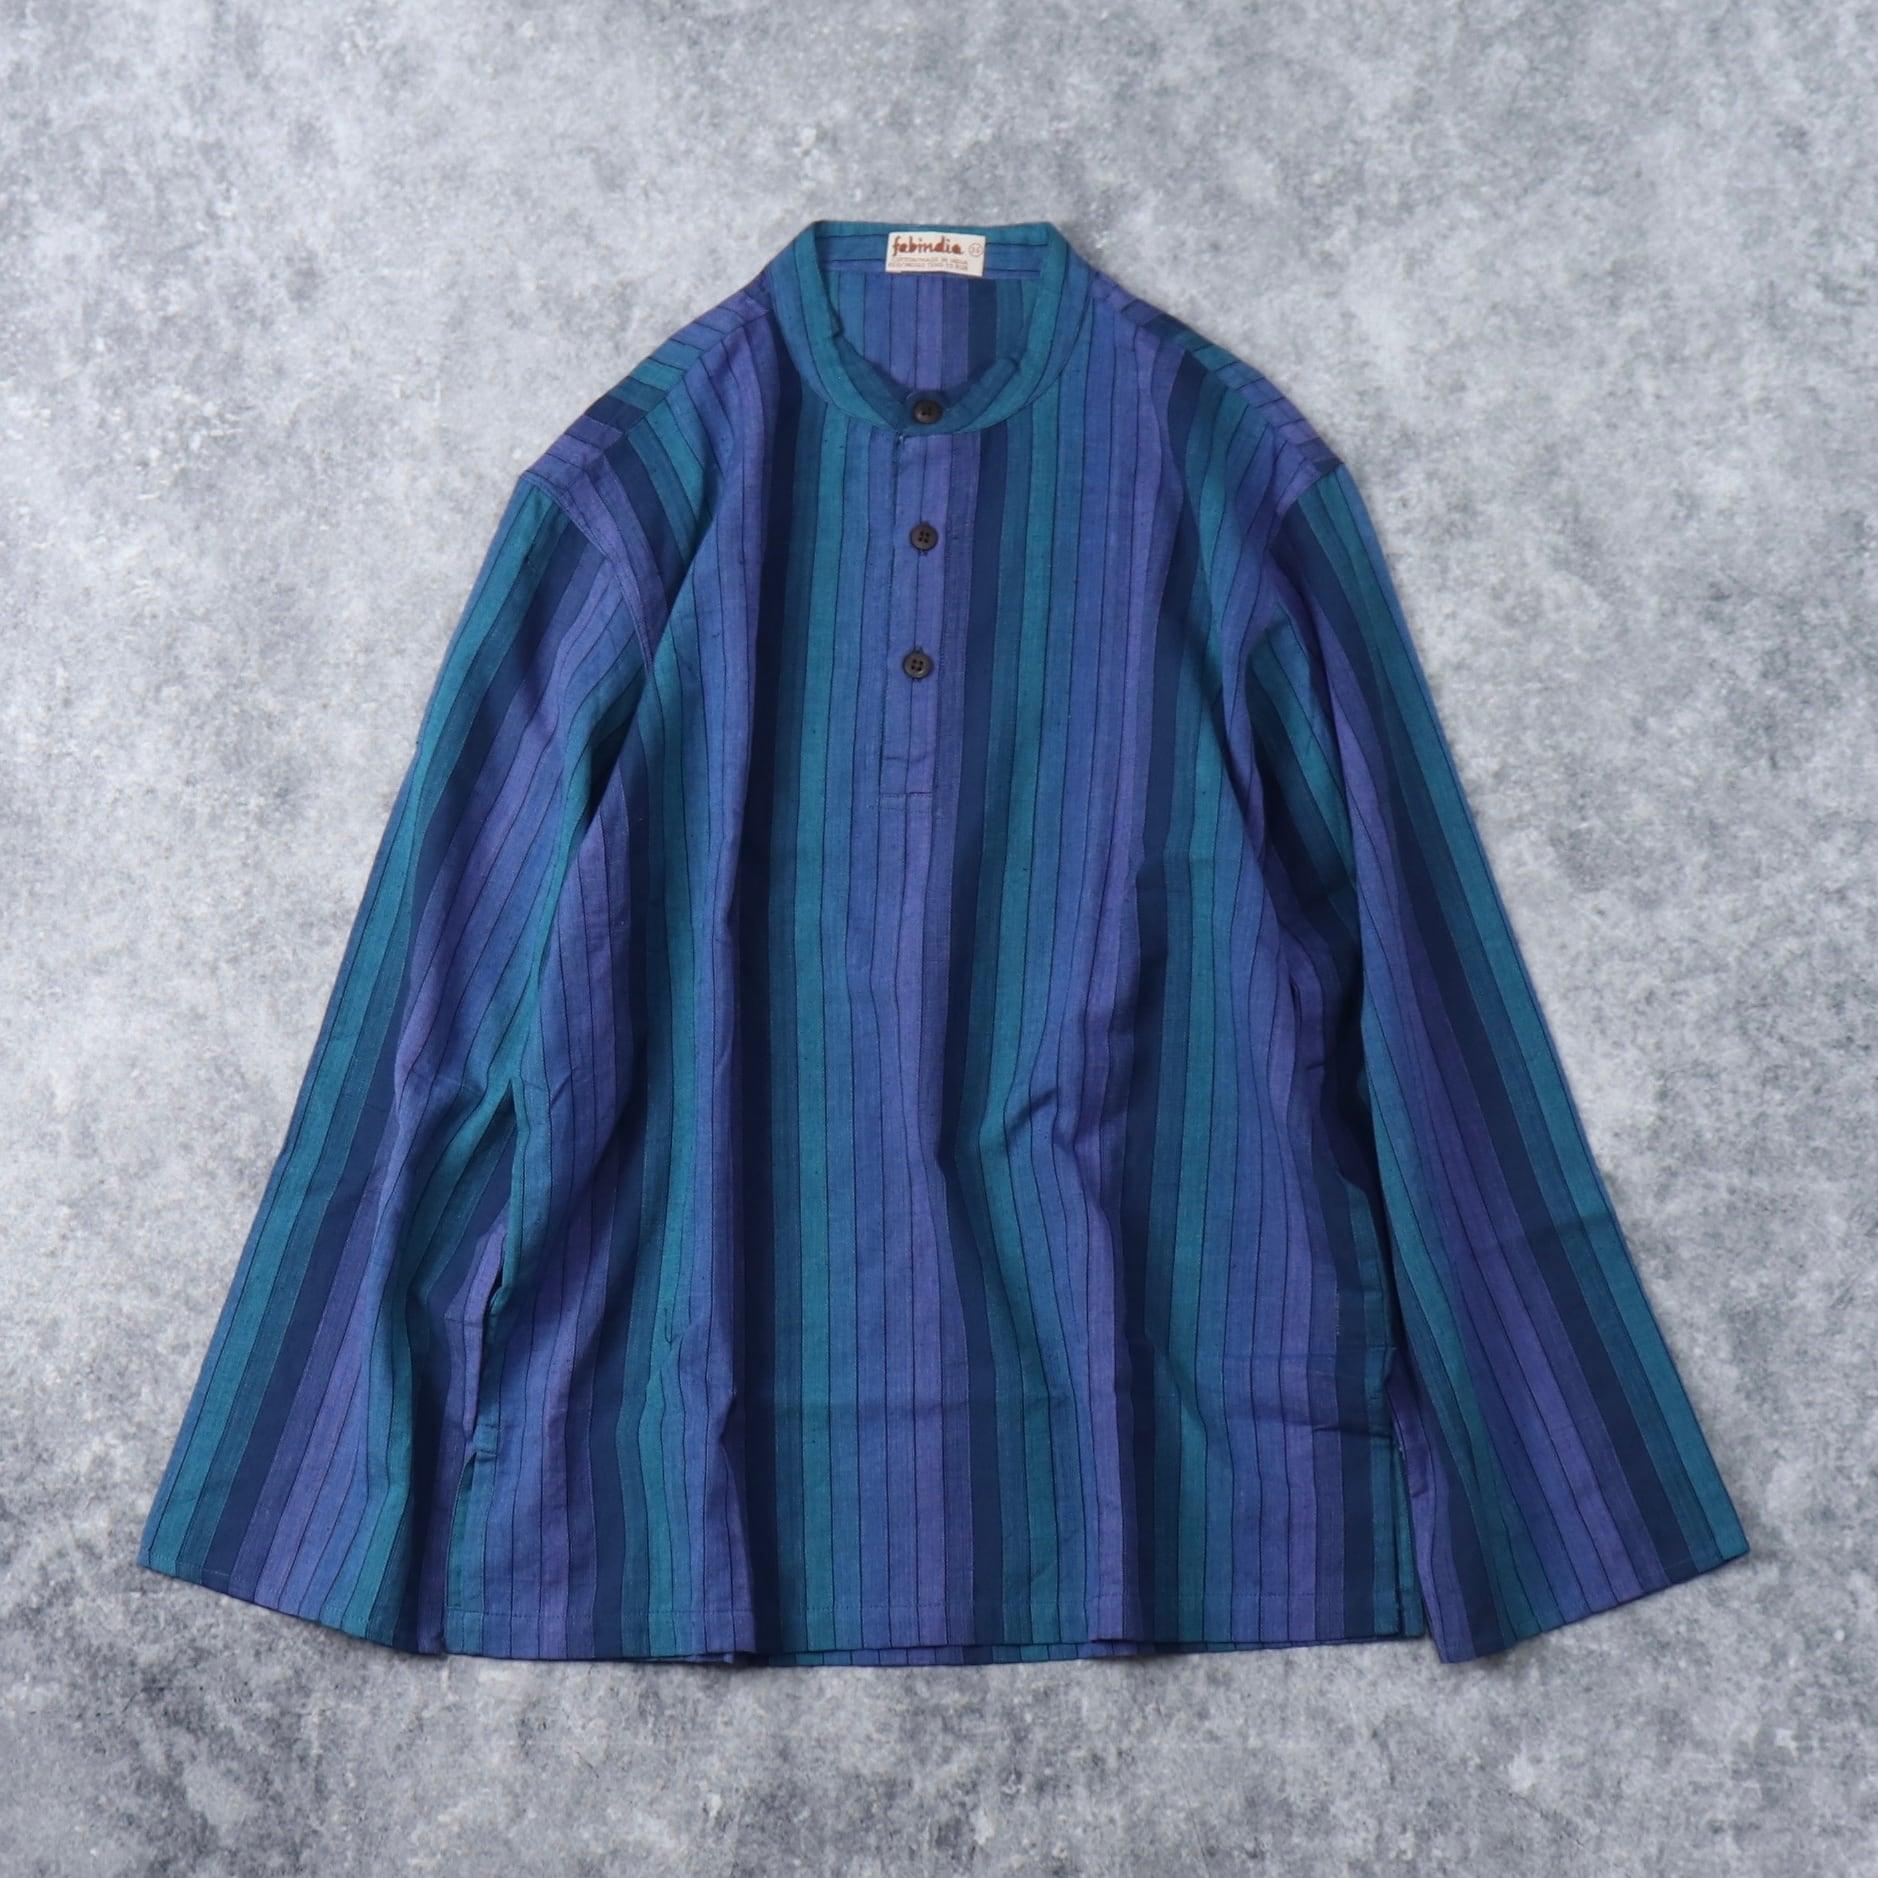 80年代~90年代 ''fabindia'' プルオーバーシャツ 古着 A279